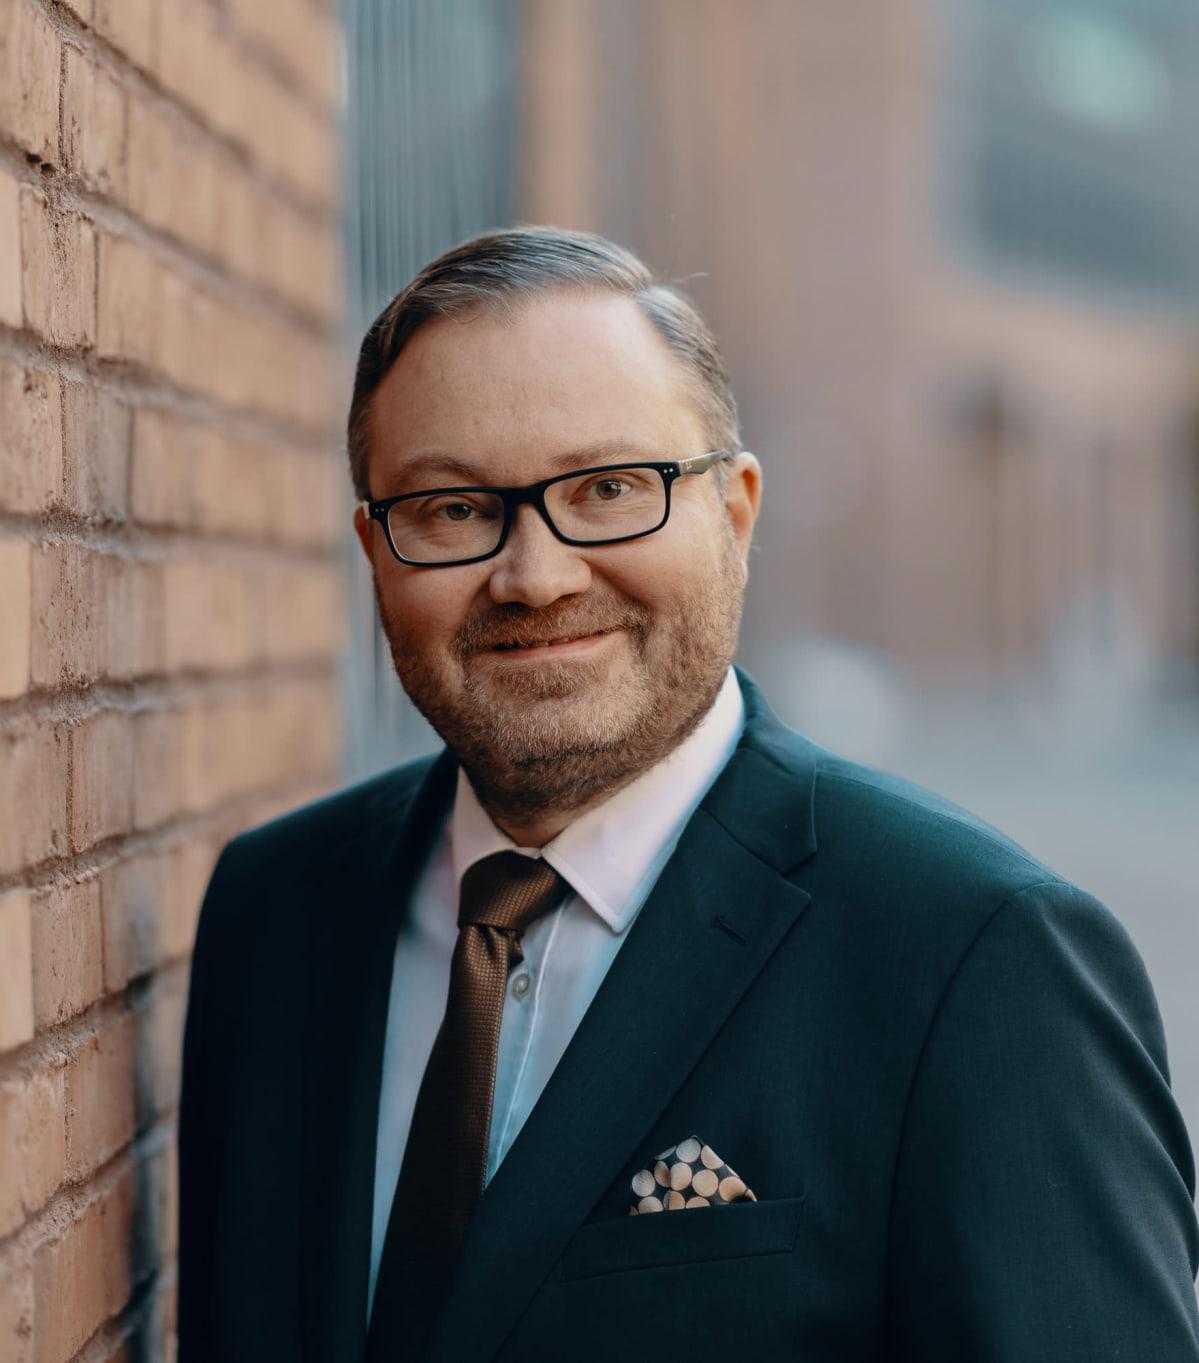 Digi- ja väestötietoviraston pääjohtaja Janne Viskari sinisessä puvussa hymyilee kuvaajalle.